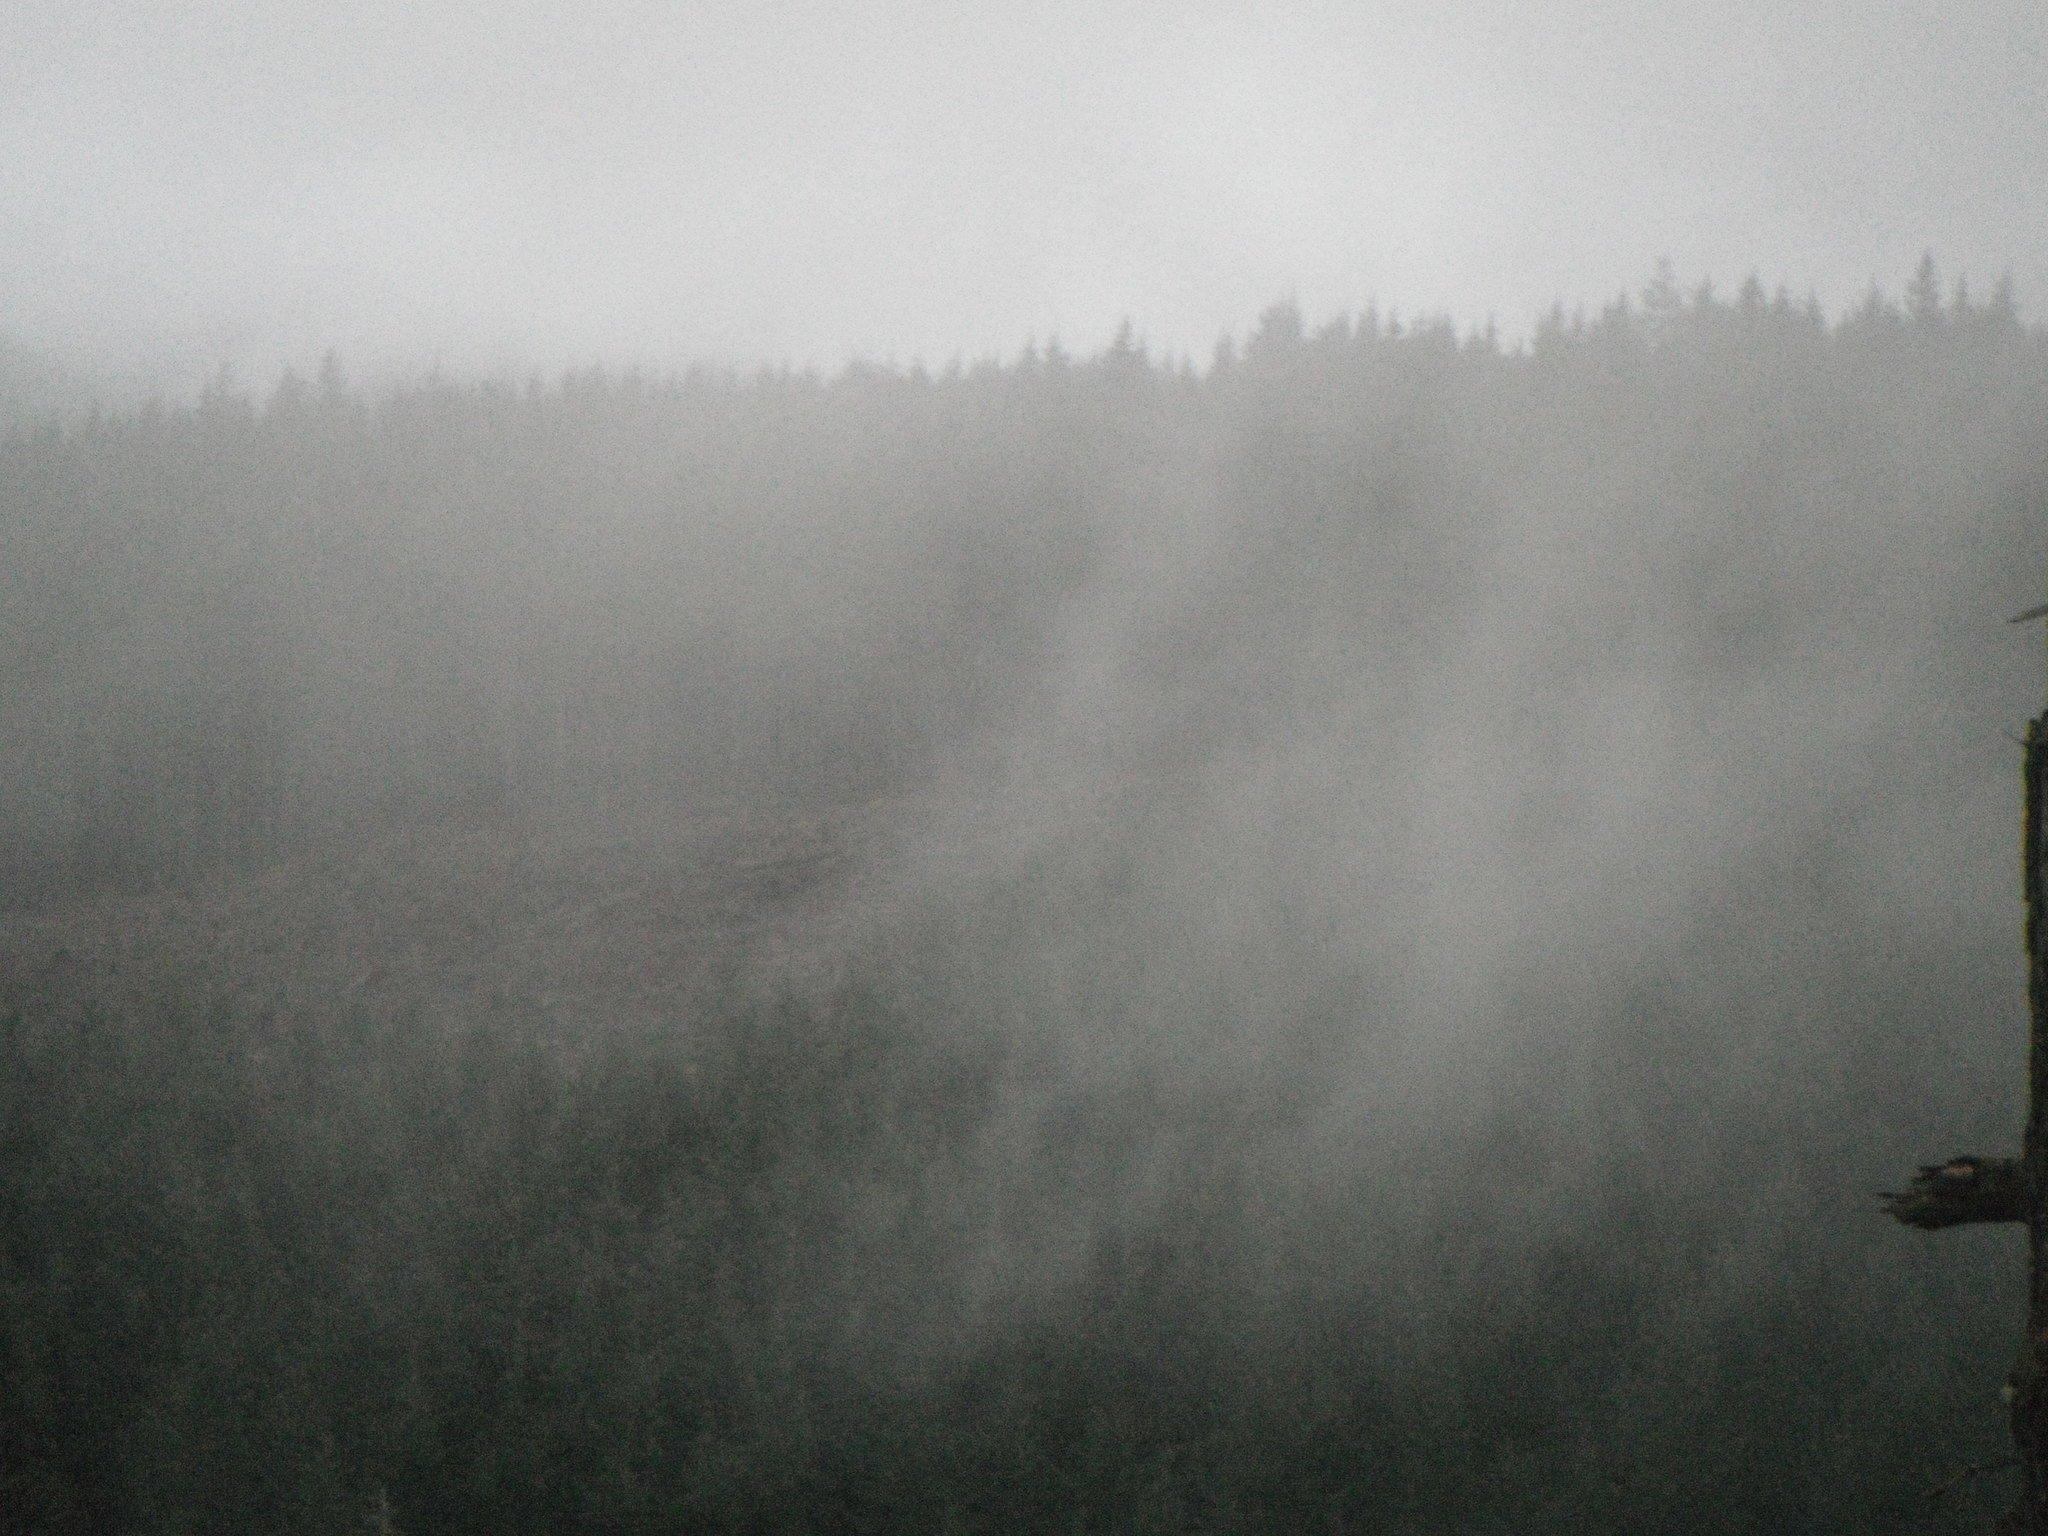 fog over the mountainside